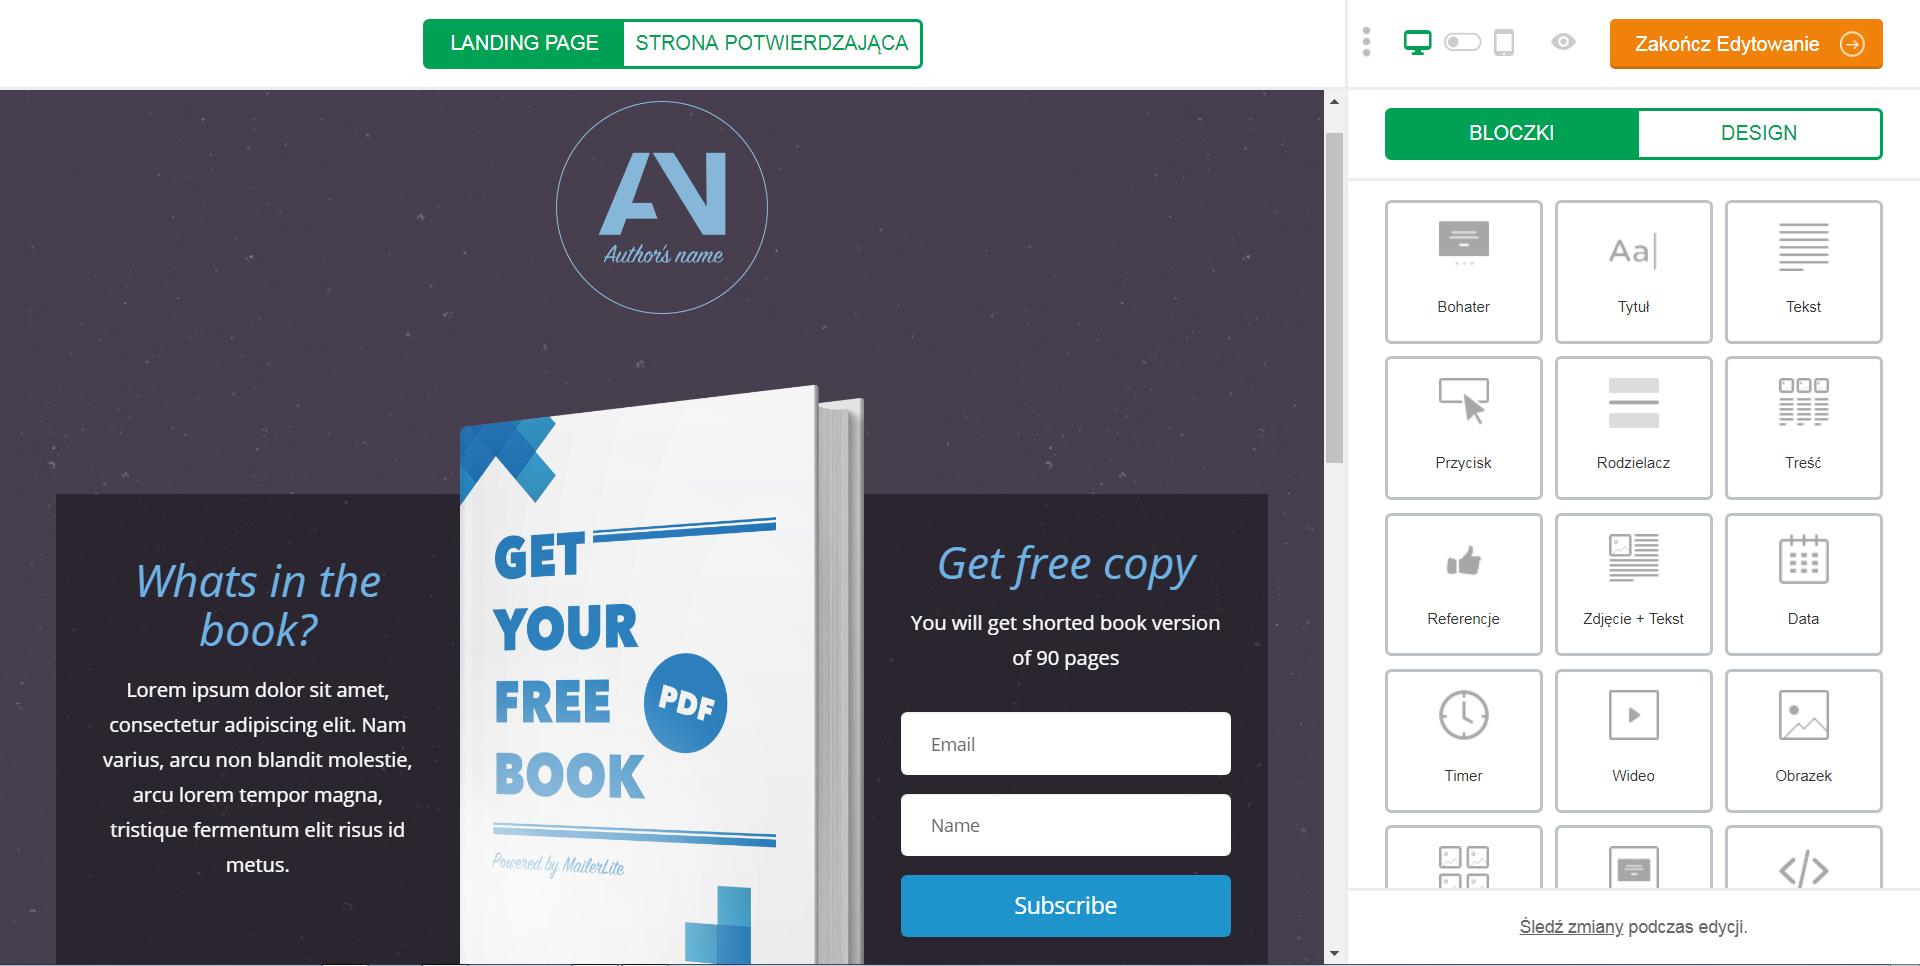 Mailer Lite – jak stworzyć Landing Page instrukcja krok po kroku